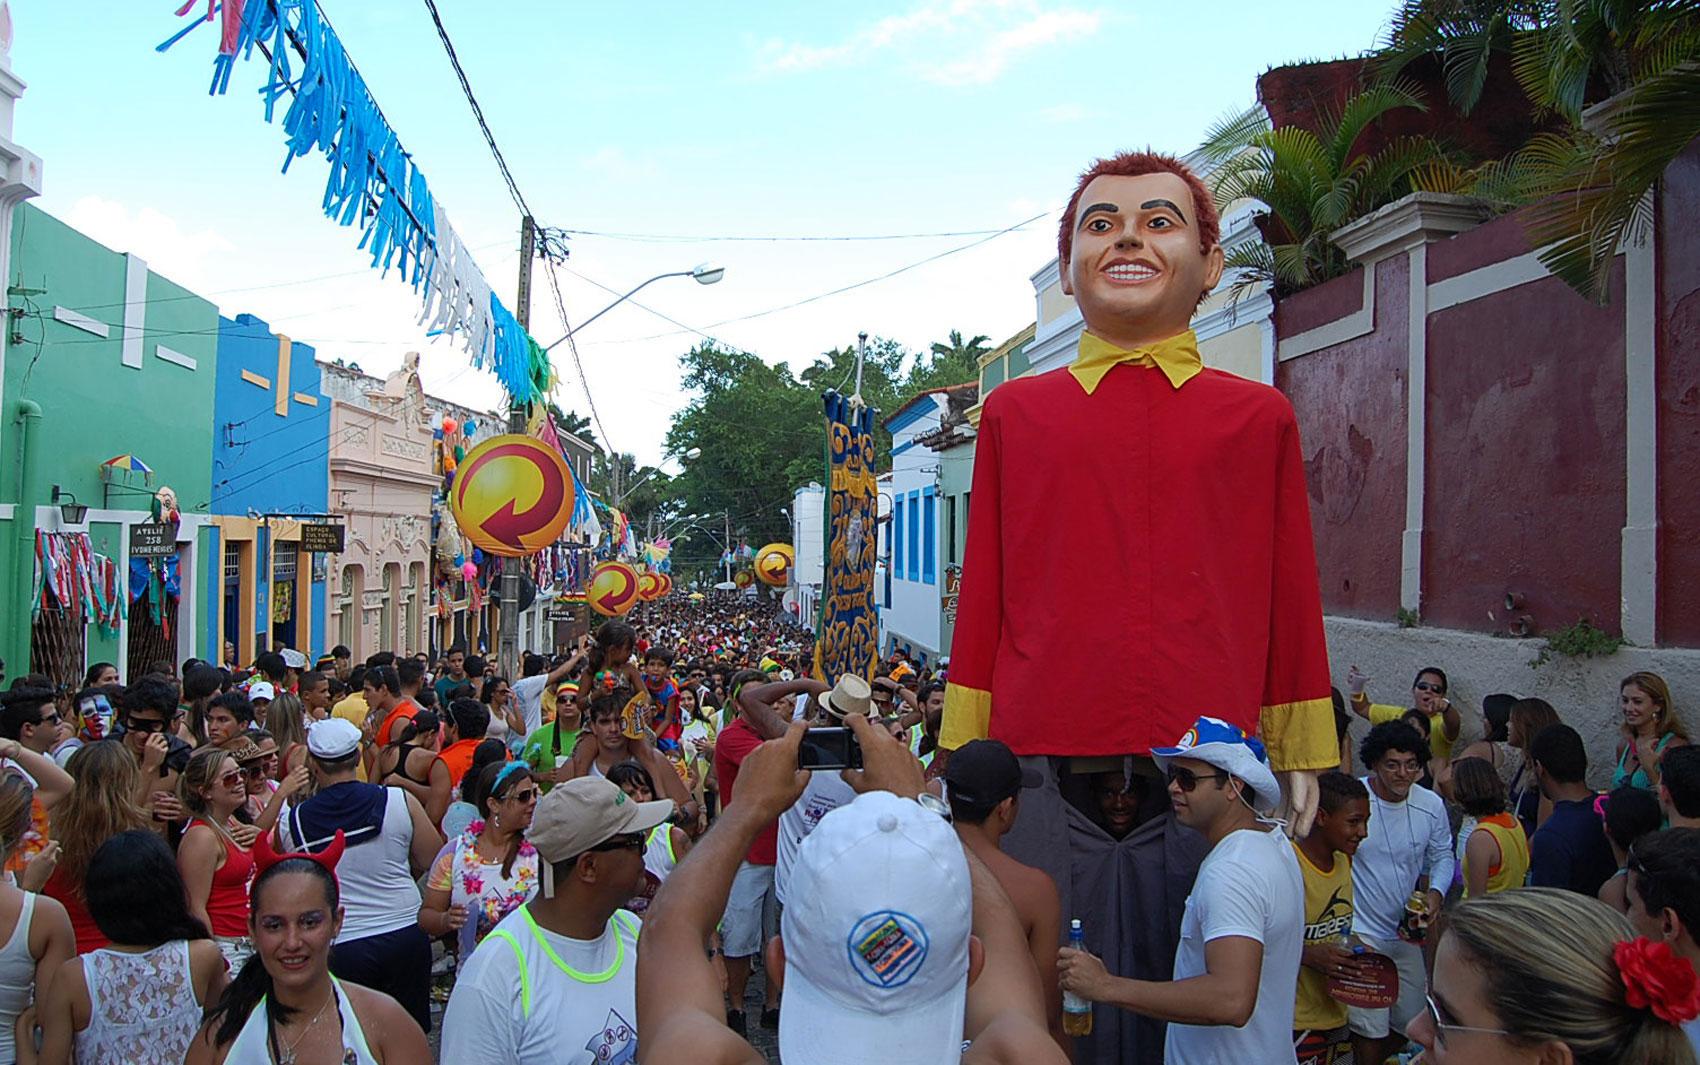 Bloco Tô Limpo desfila pelas ladeiras de Olinda, neste sábado (9), com integrantes que superaram o vício de drogas ou álcool.